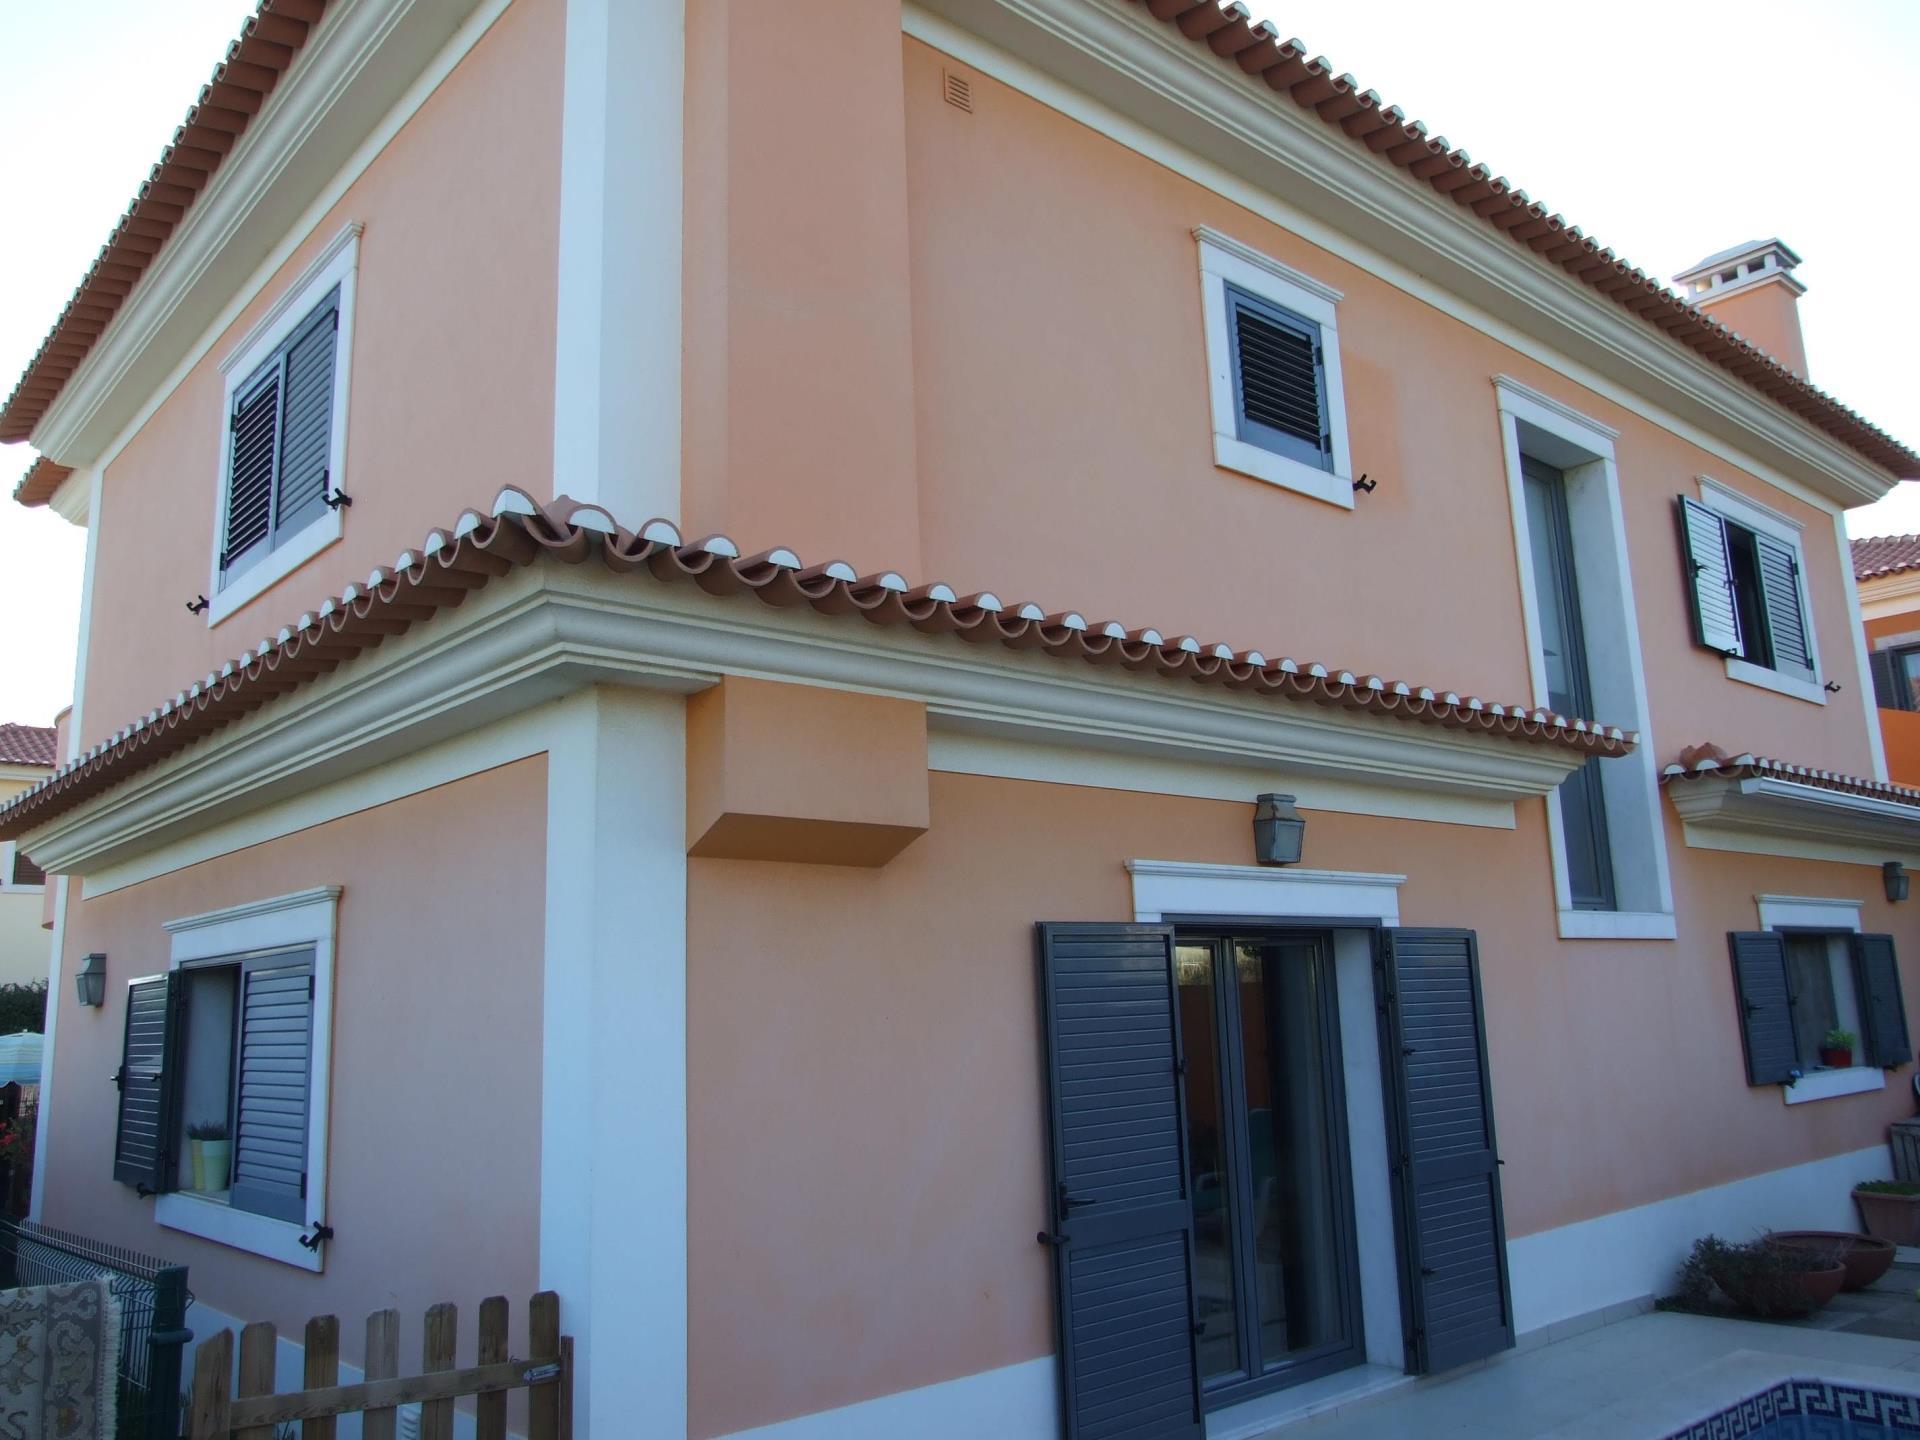 Частный односемейный дом для того Продажа на House, 4 bedrooms, for Sale Murches, Cascais, Лиссабон Португалия